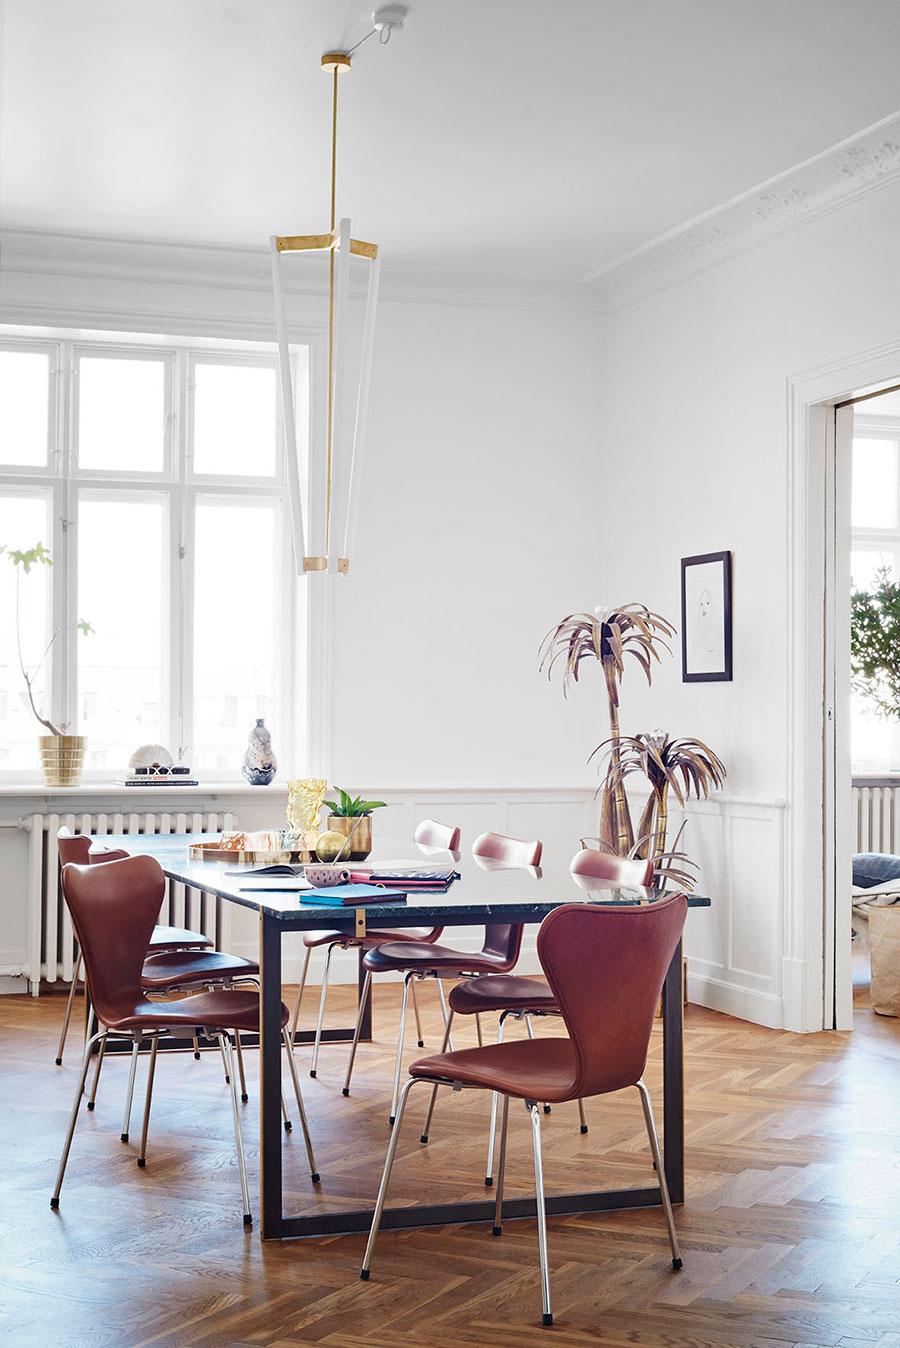 Stylist: Sidsel Rudolph Foto: Ditte Isage Syns i: Danska stilikonen Pernille Teisbæk visar upp sitt tjusiga hem –och vi älskar det!